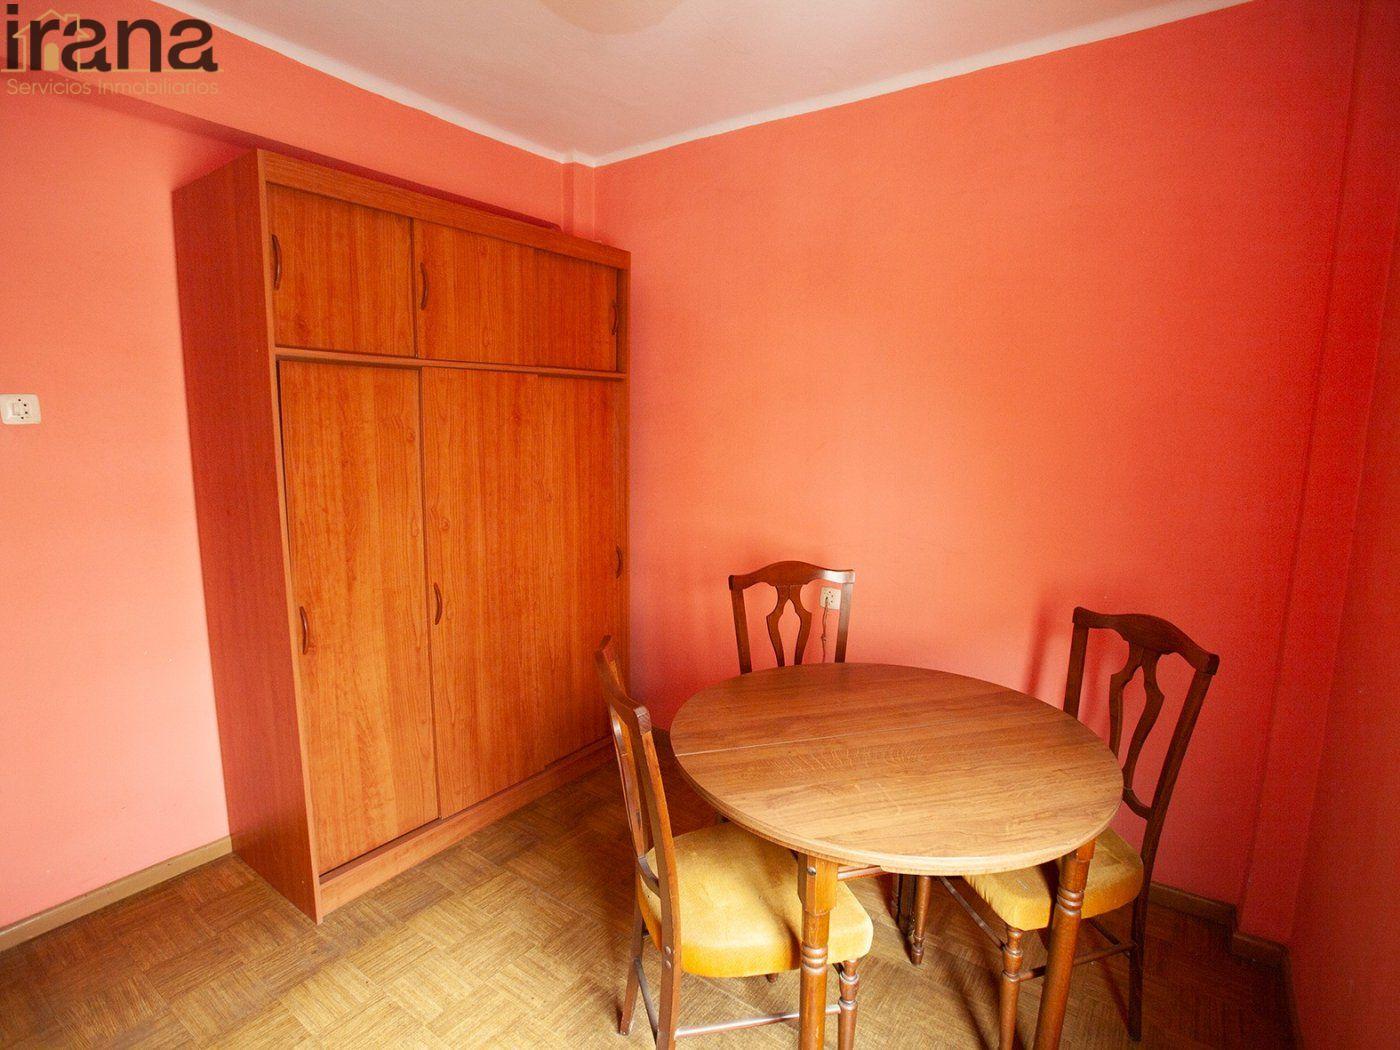 Apartamento, La Calzada, Venta - Asturias (Asturias)